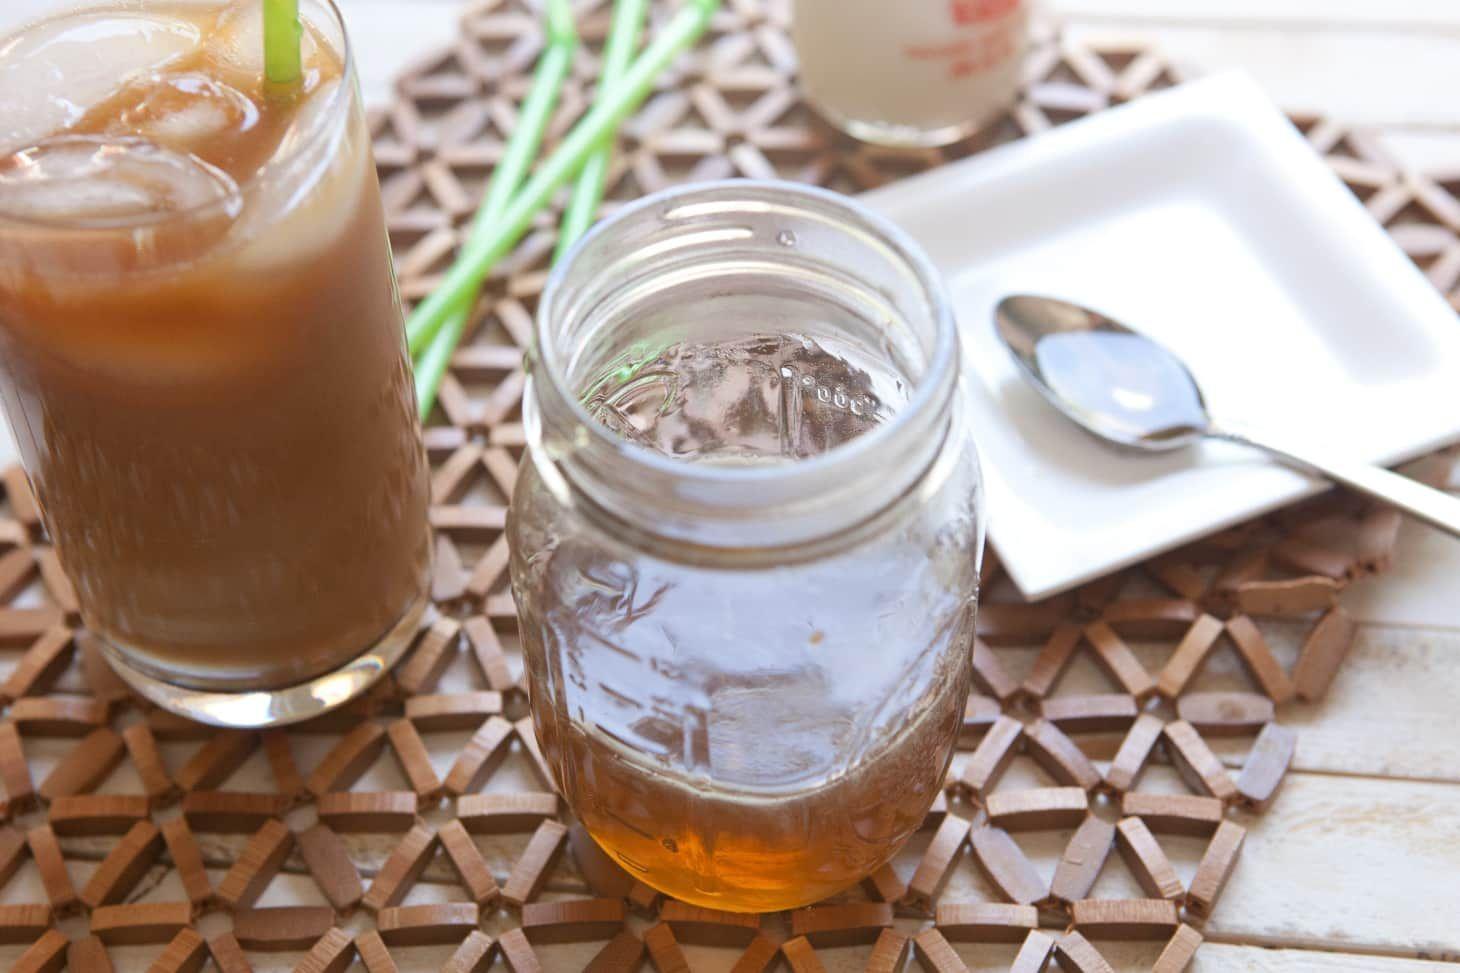 Cách làm siro caramel (caramel syrup) đơn giản tại nhà